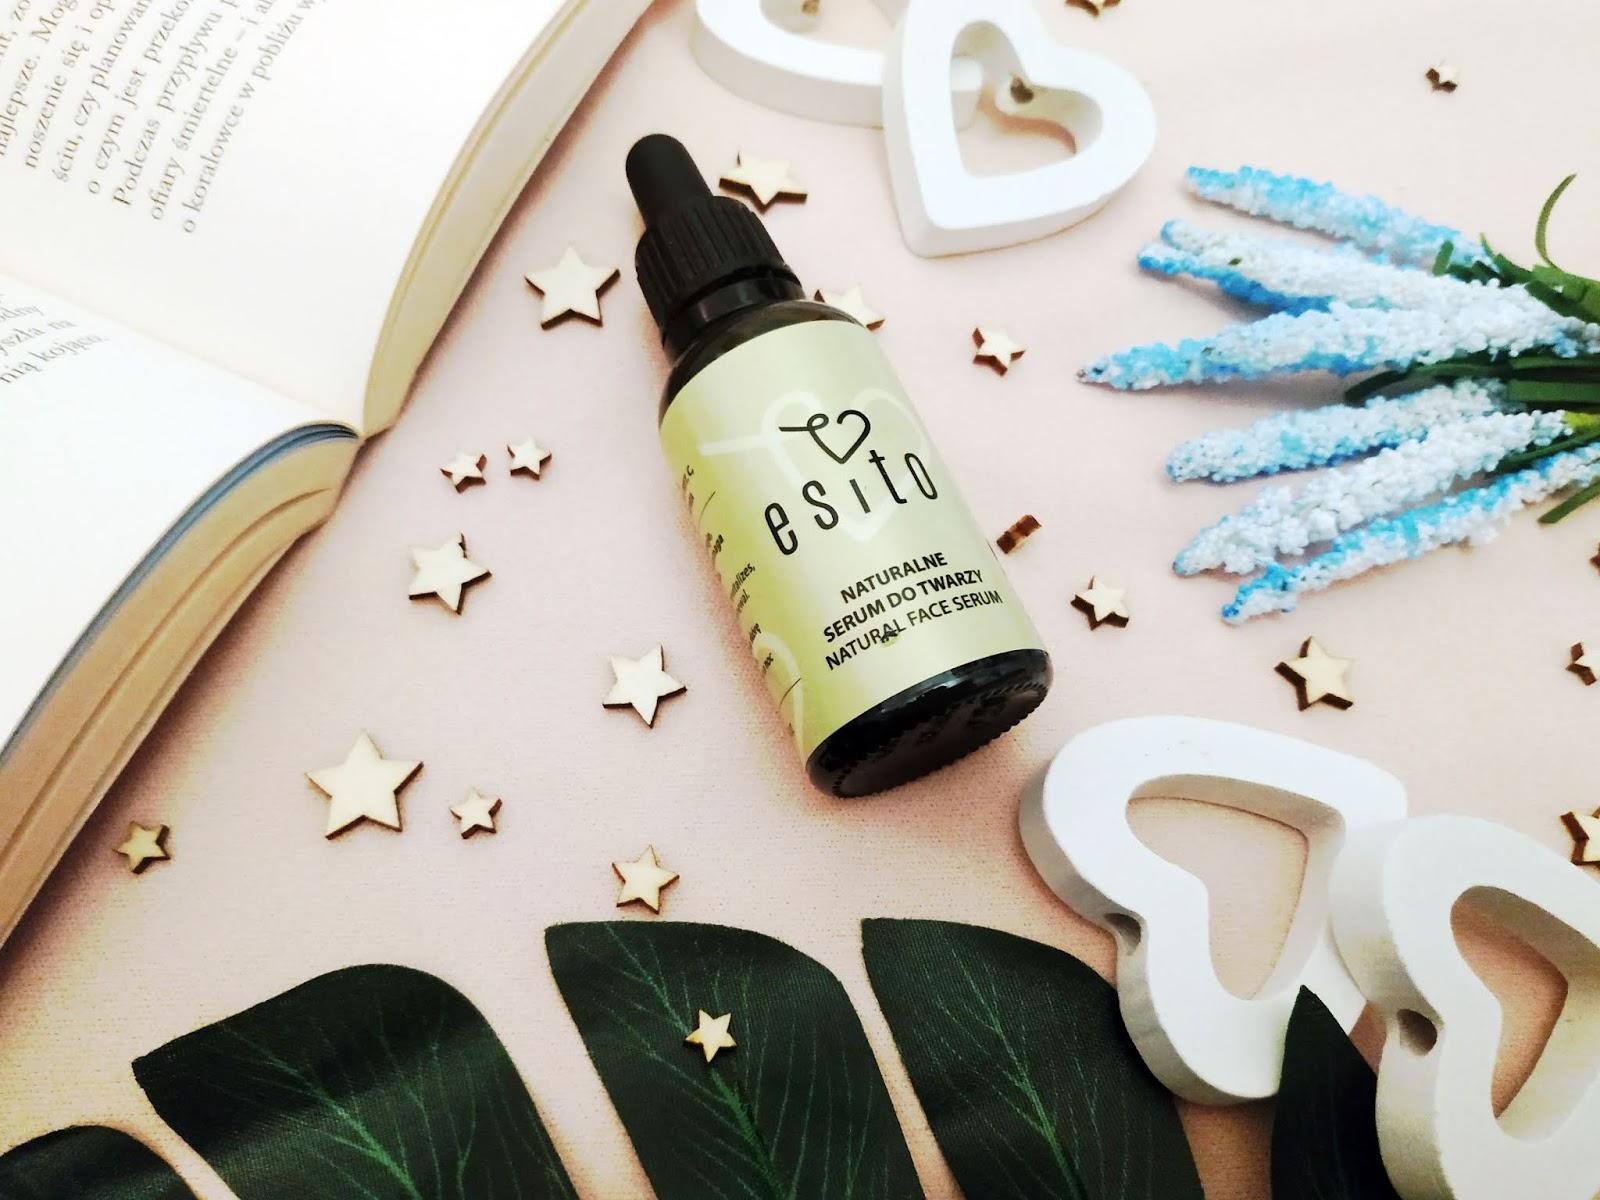 Naturalne kosmetyki od Esito, serum do twarzy